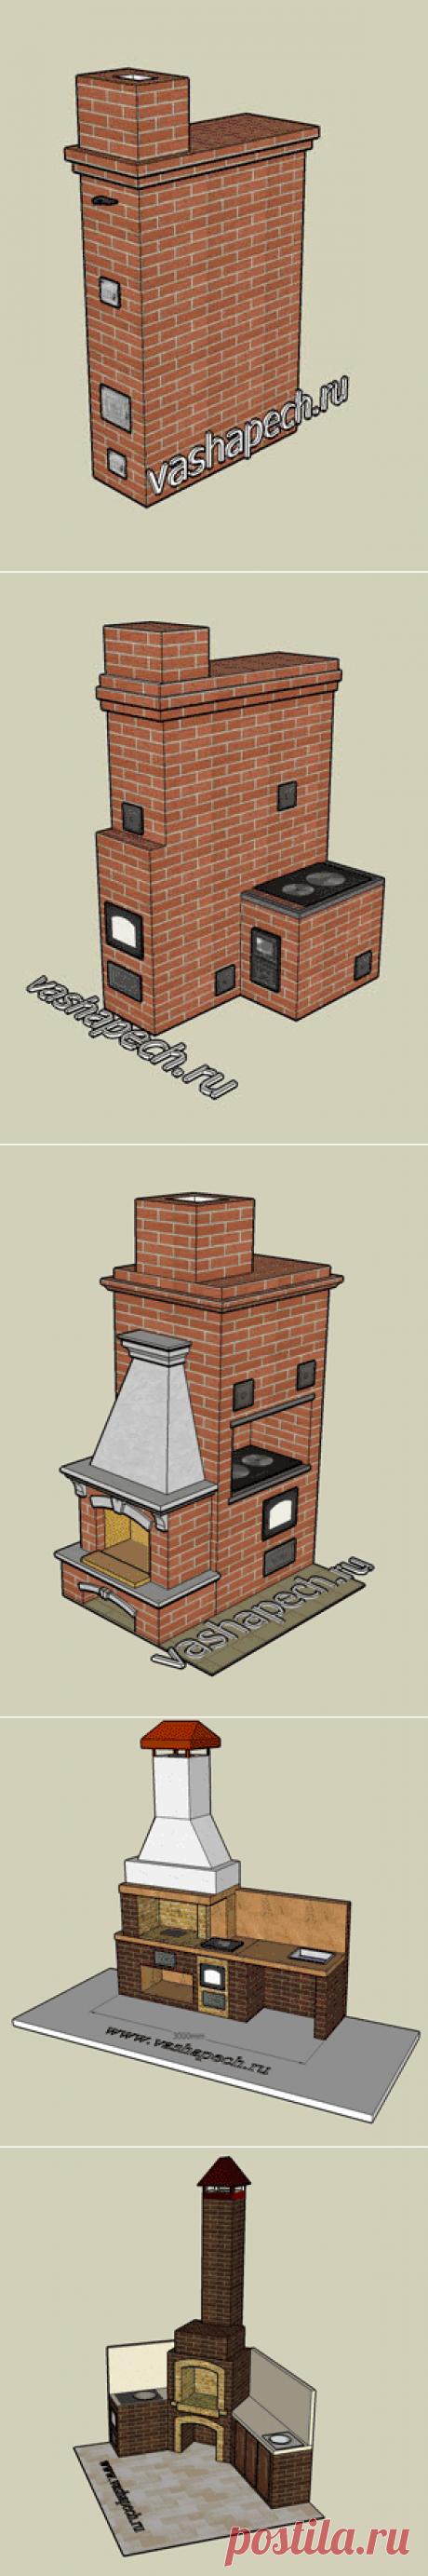 Типовые проекты печей, каминов, барбекю, печь-каминов